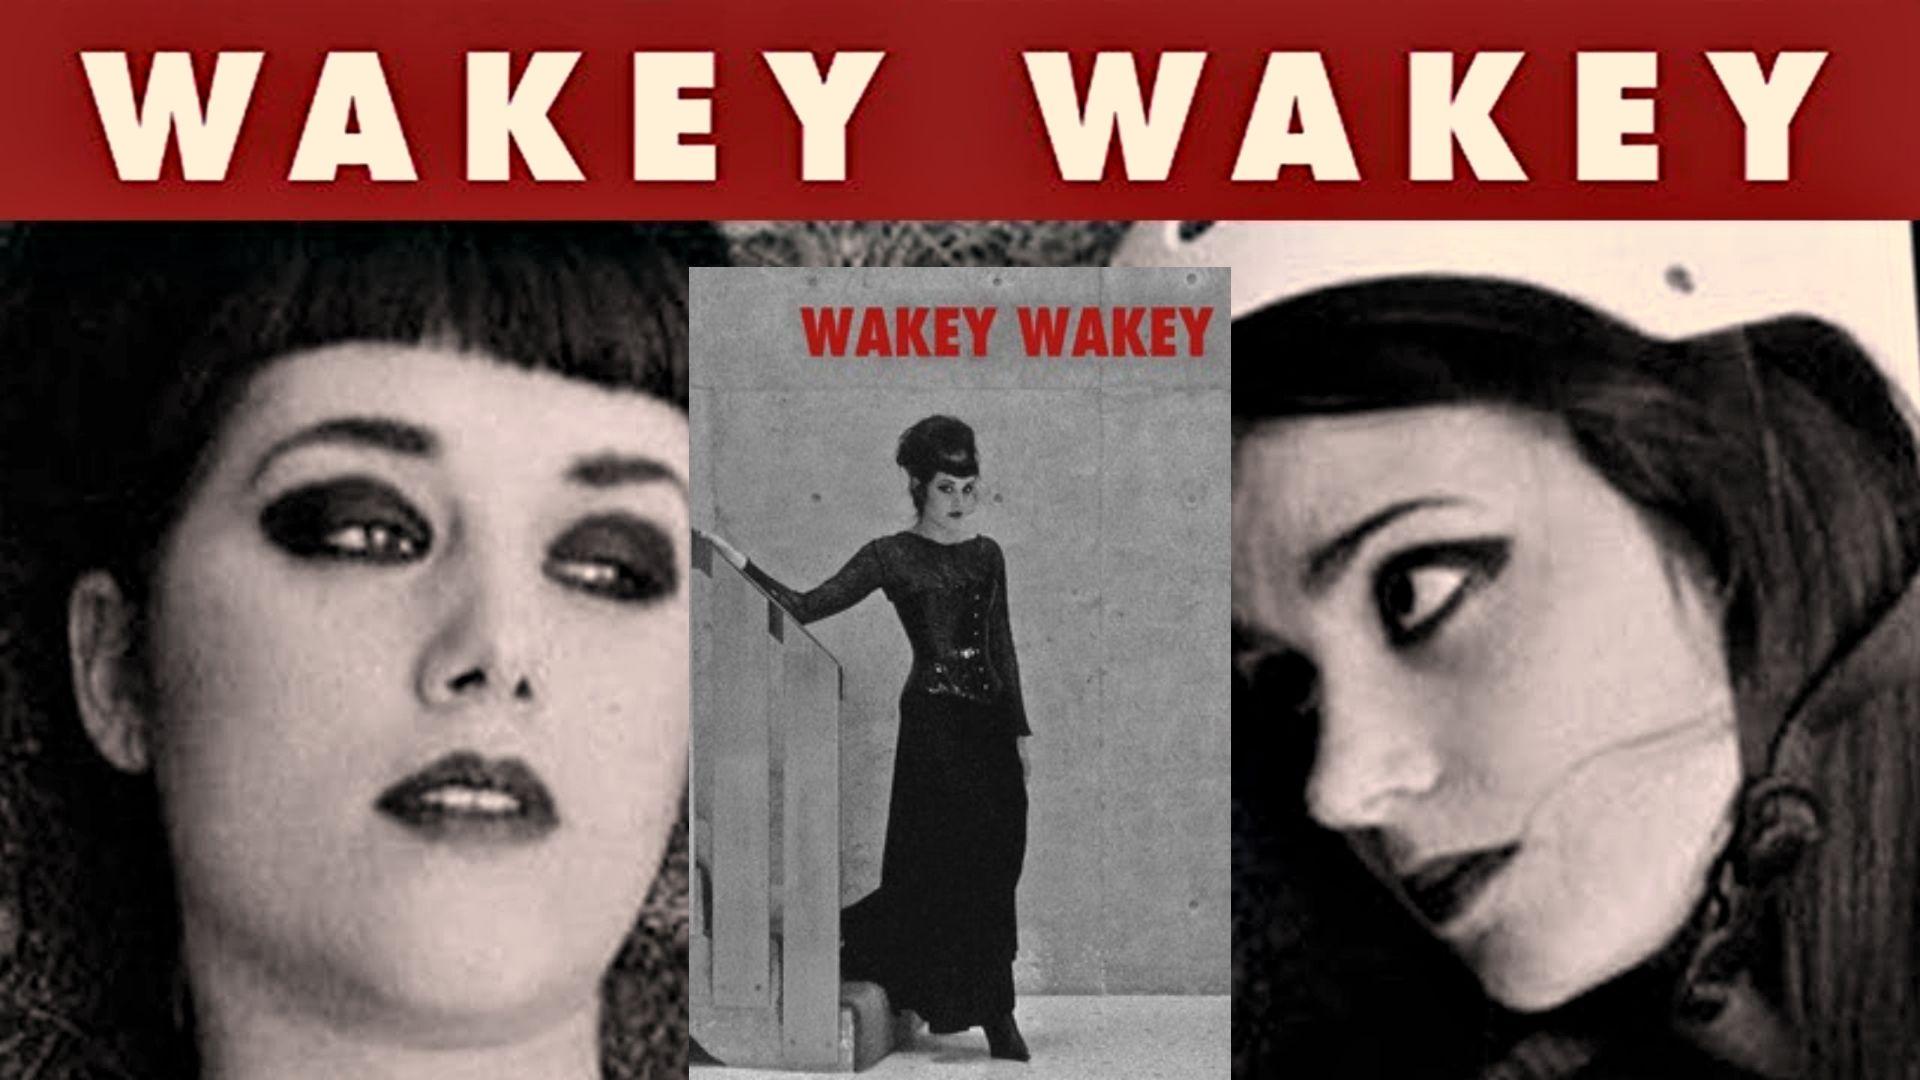 Wakey Wakey